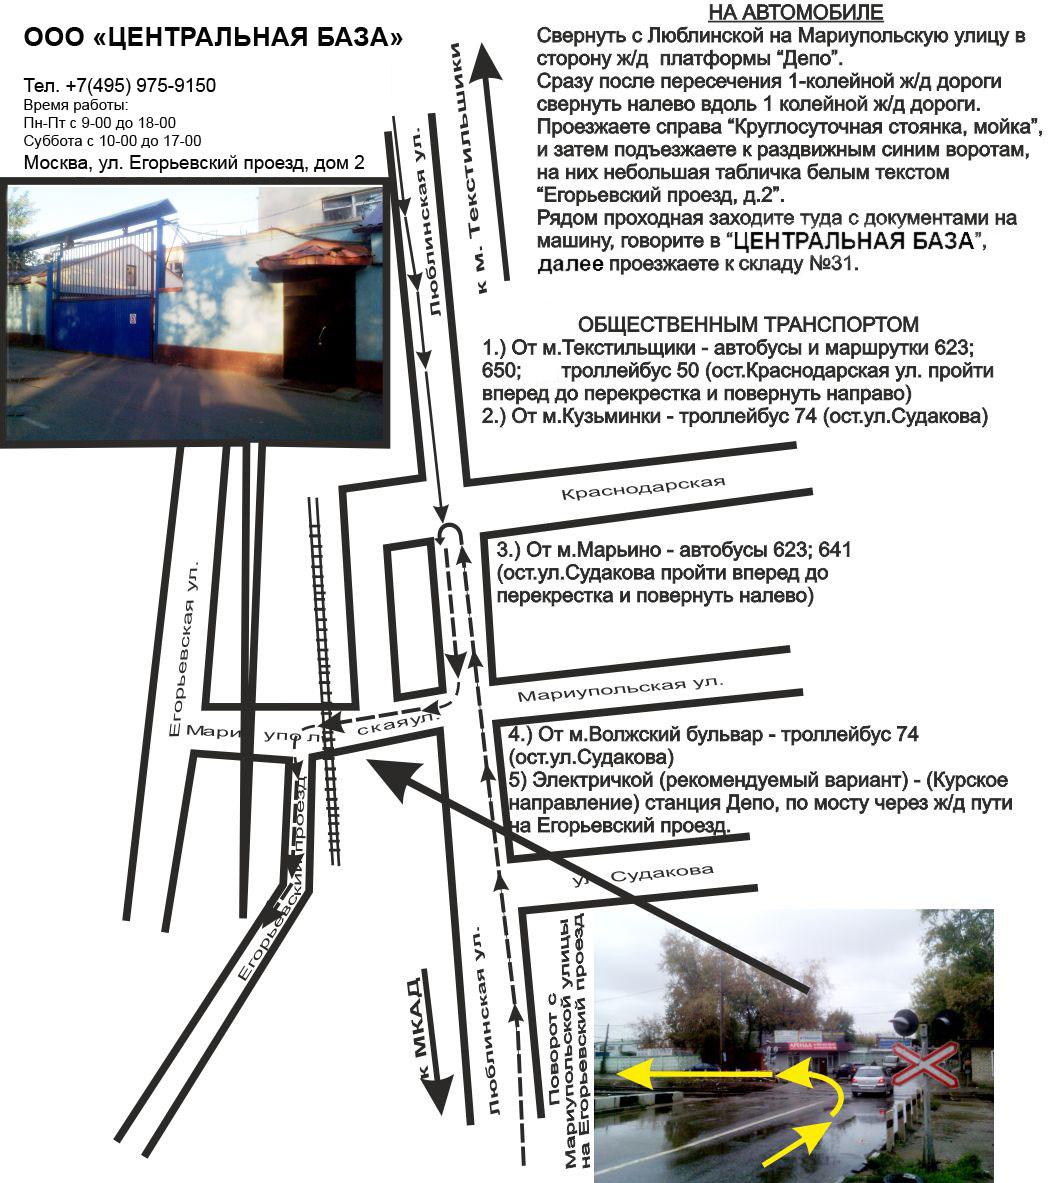 """ООО  """"Альянс ОСК """" - схема проезда версия для печати."""